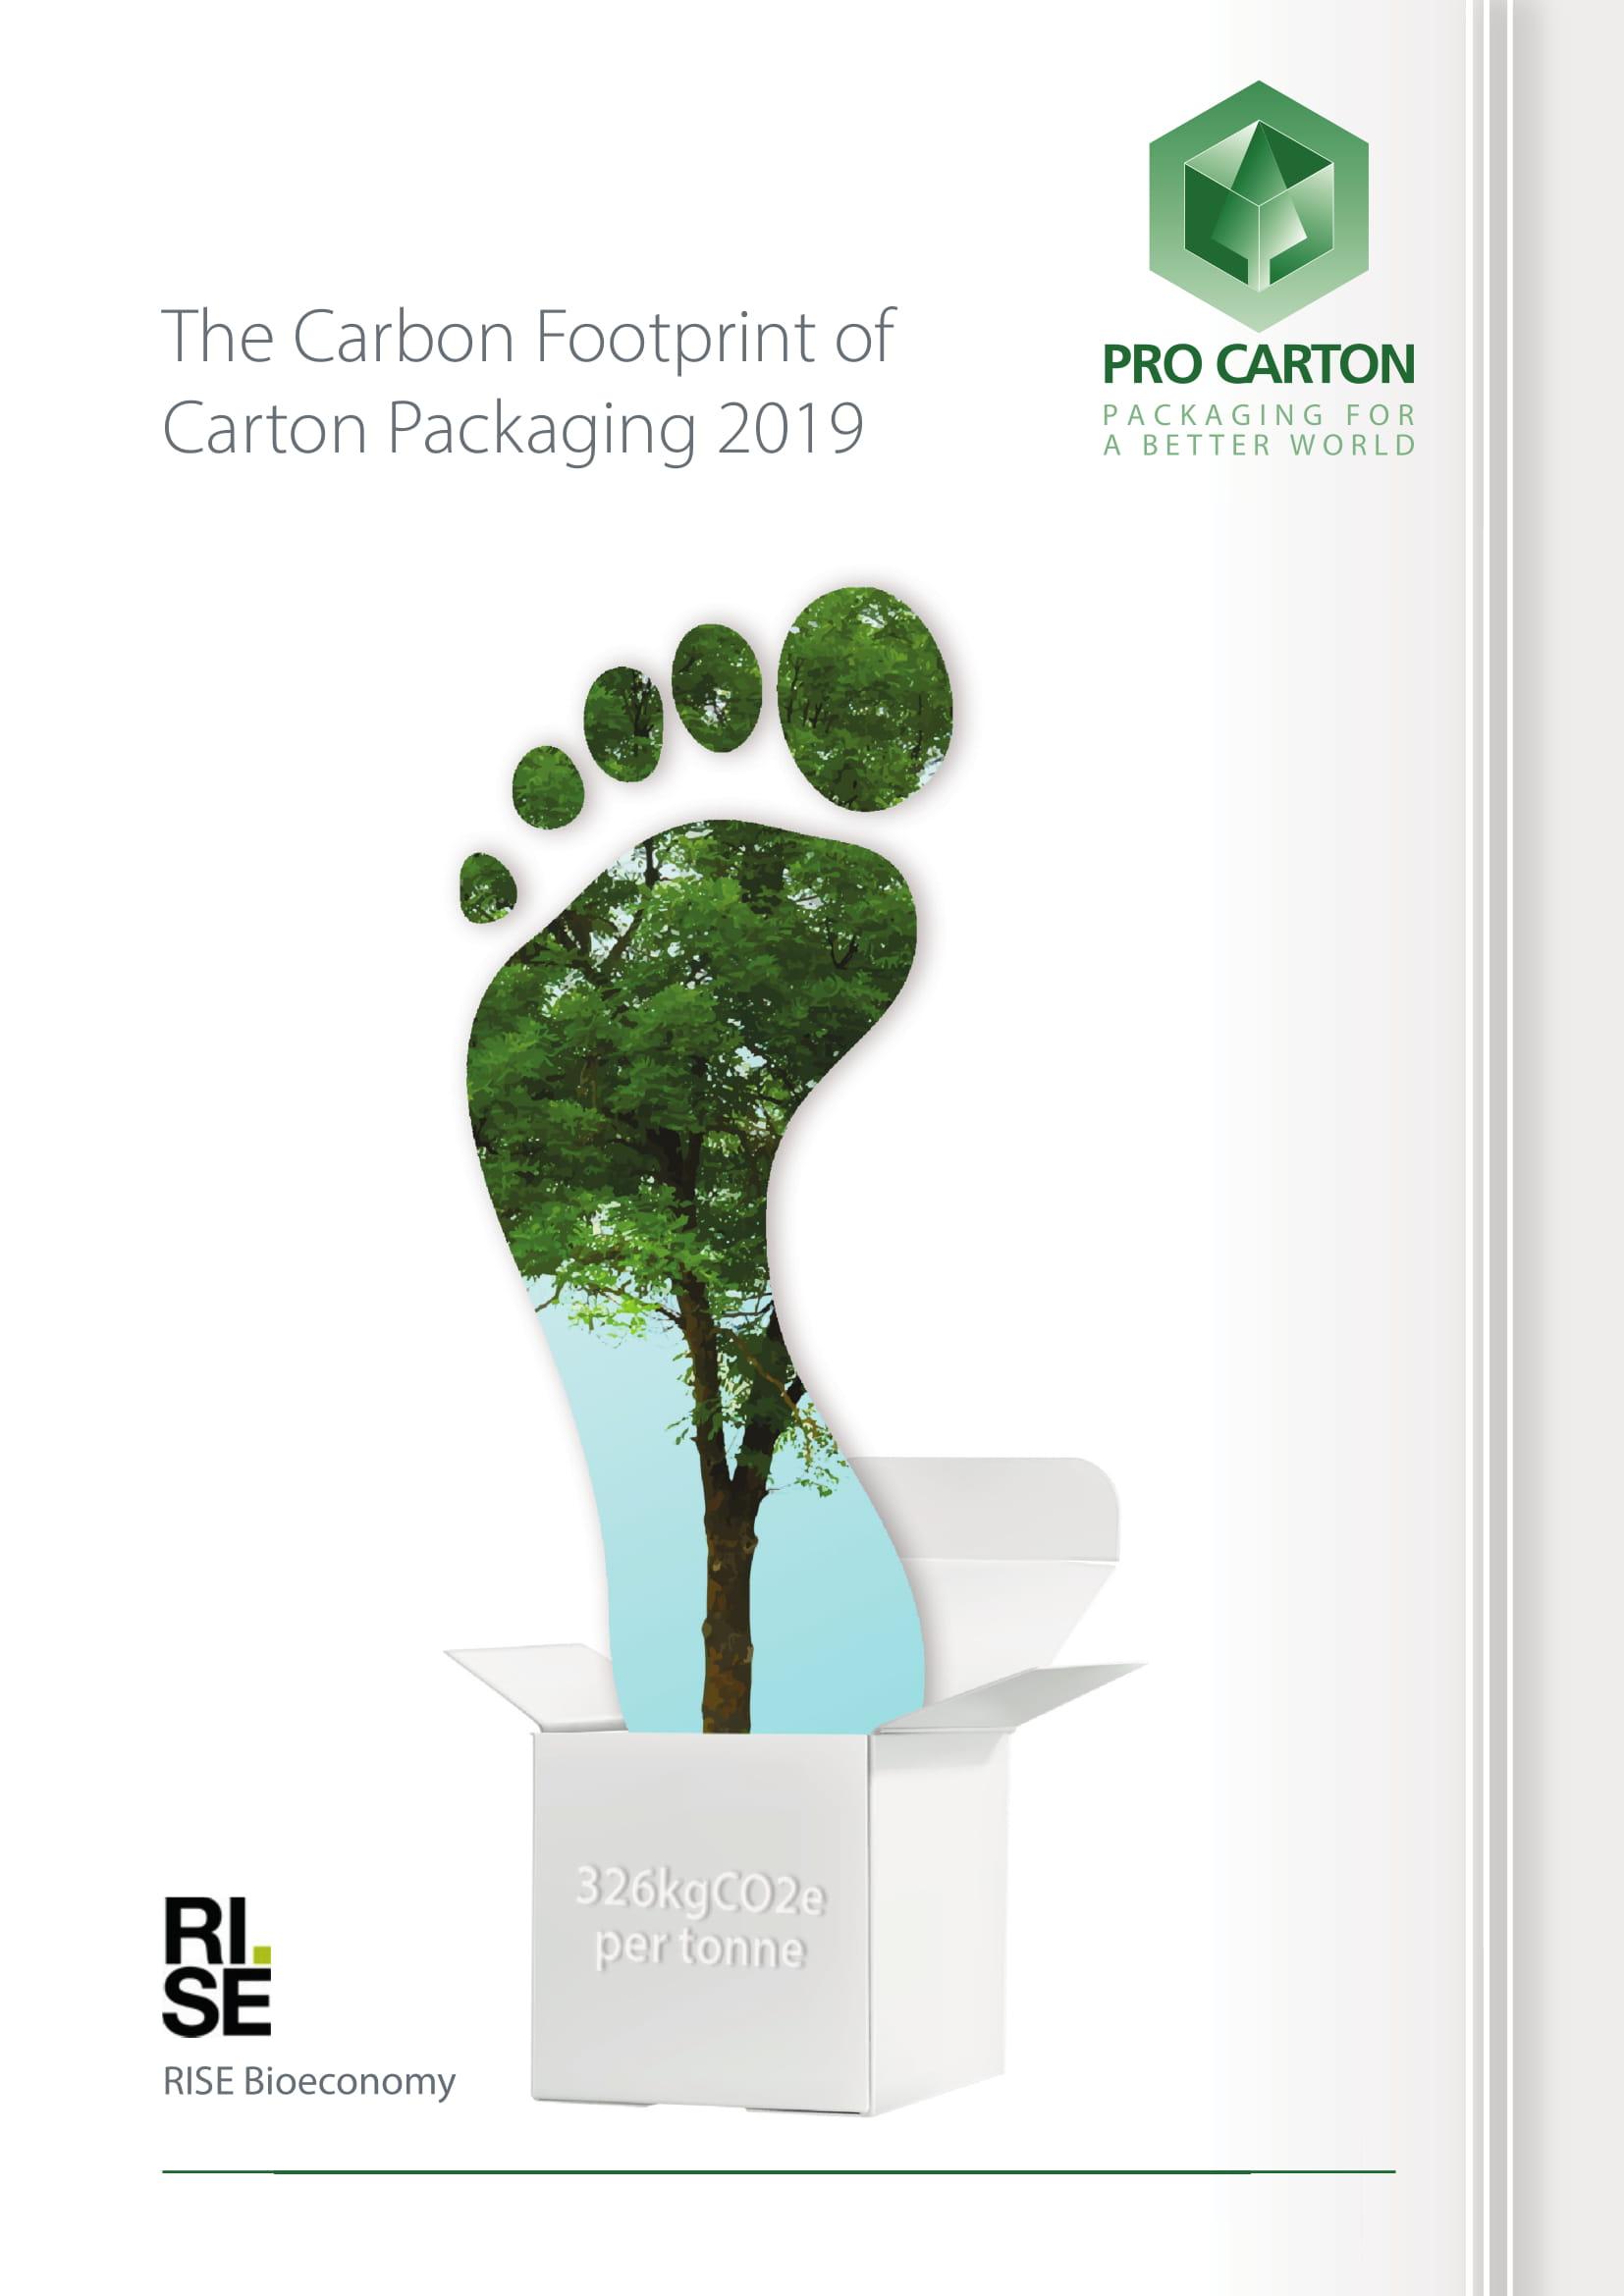 Impronta di Carbonio dell'imballaggio in Cartone